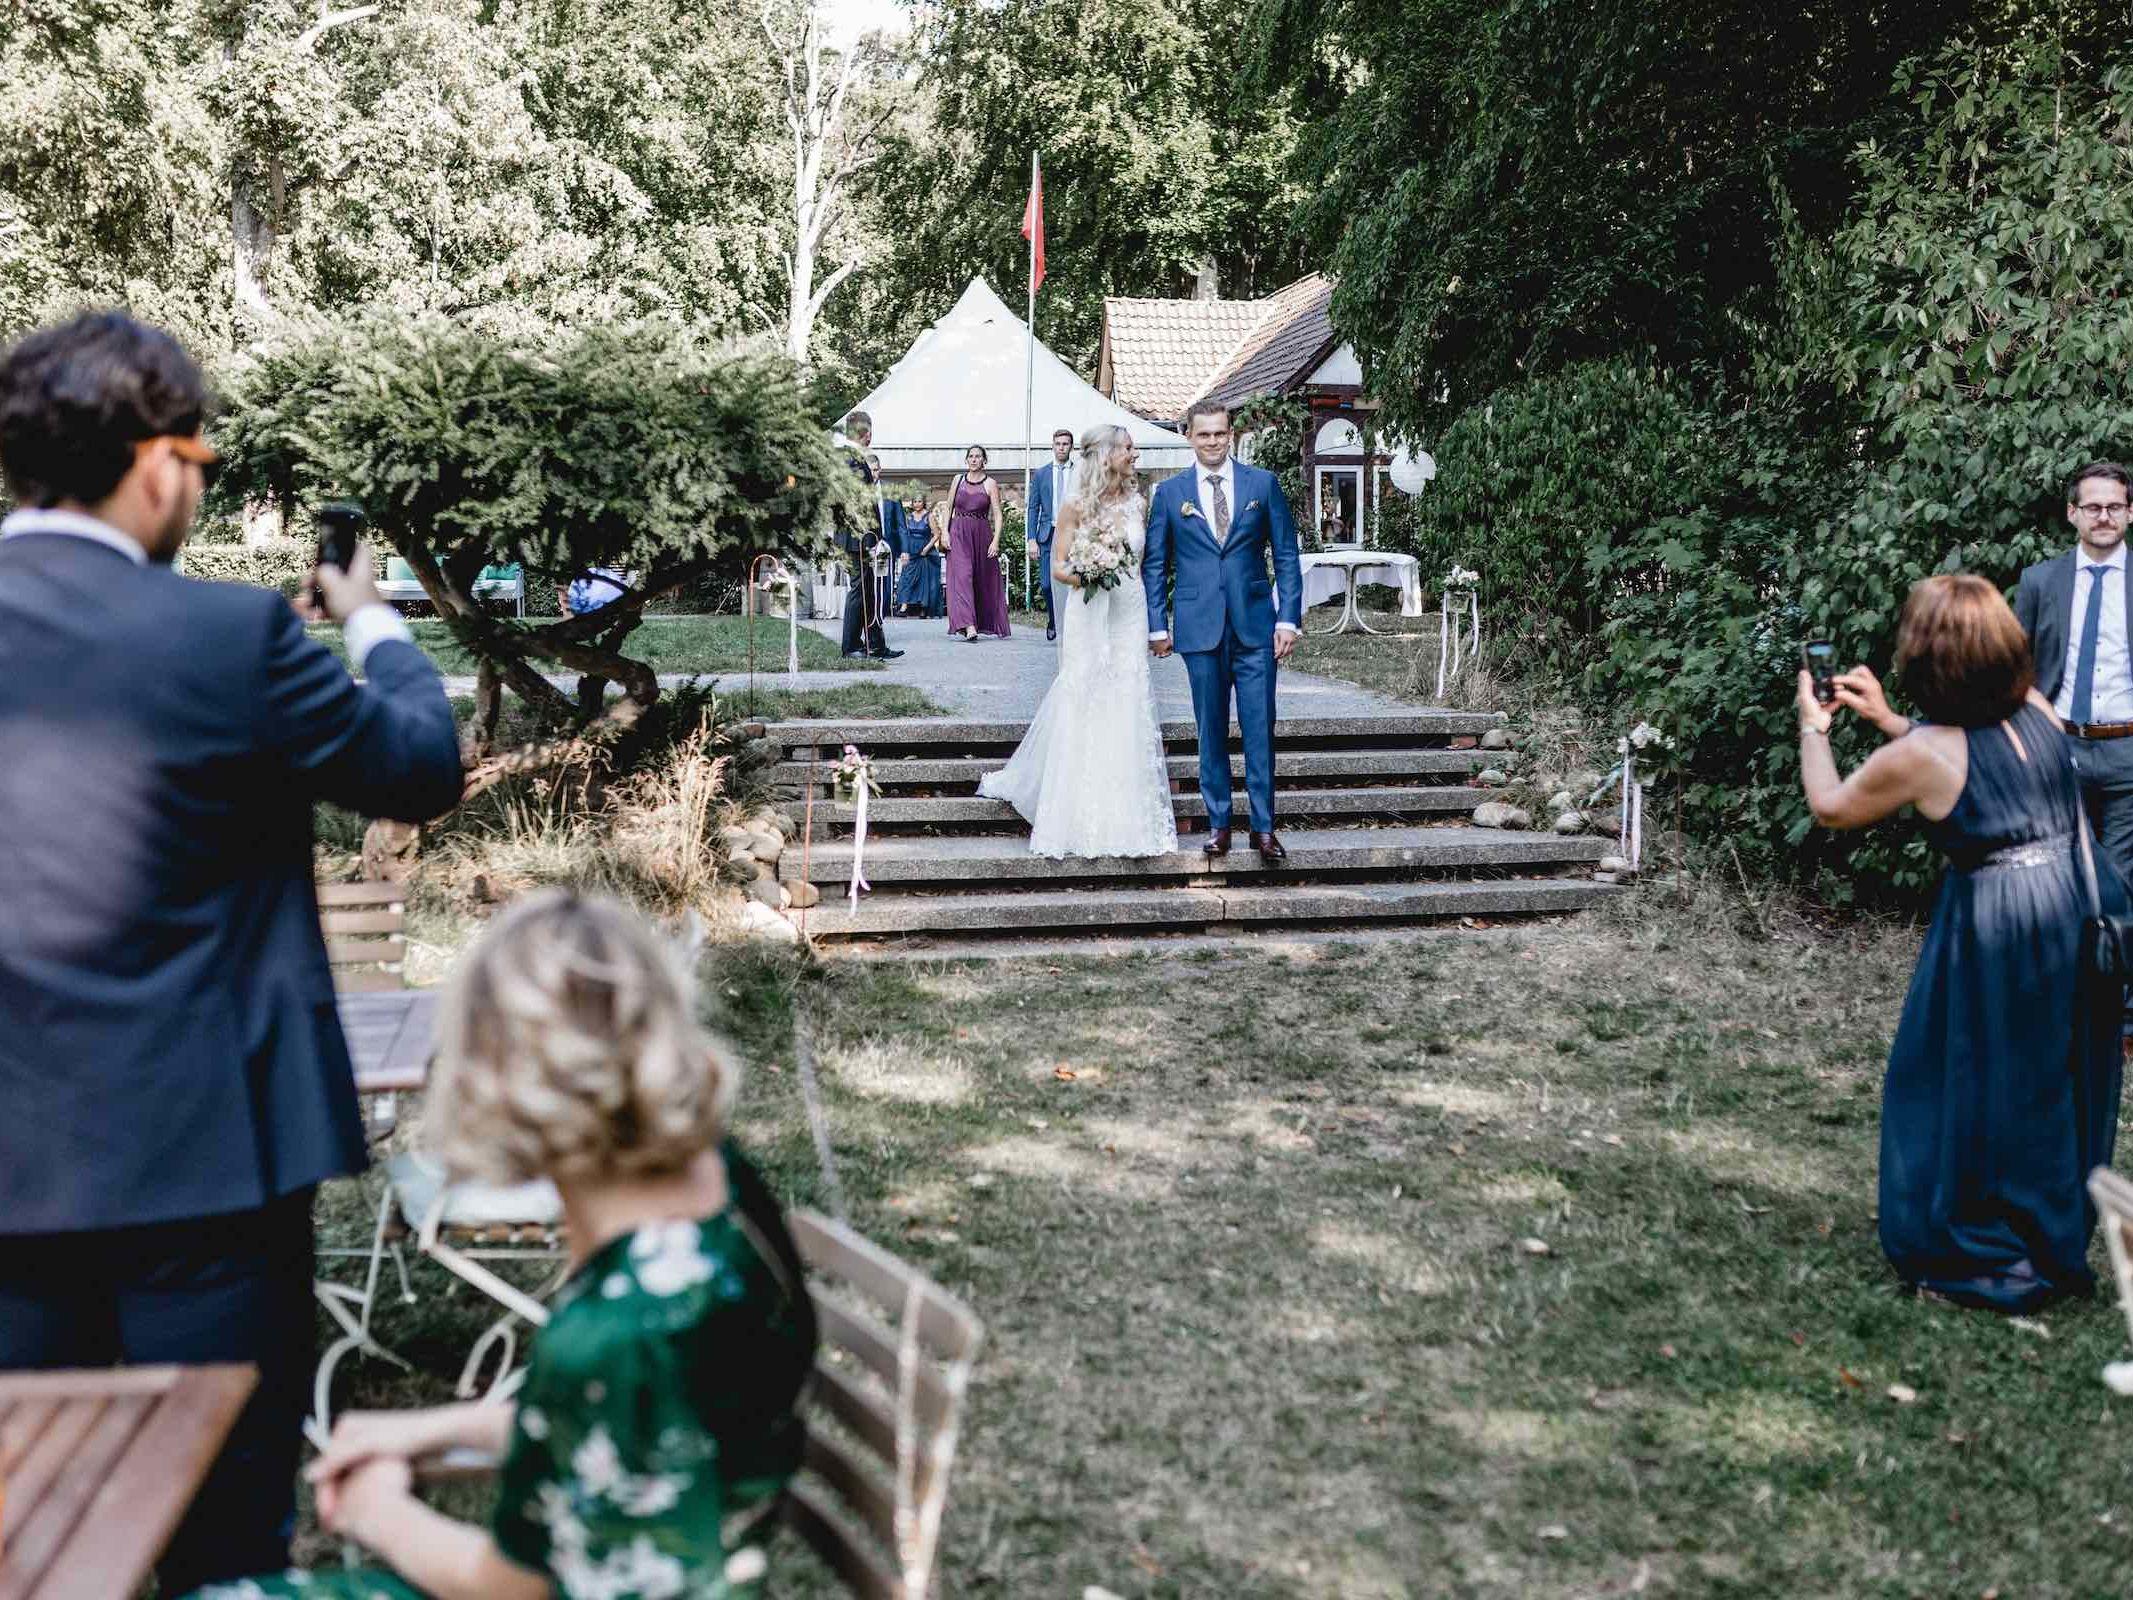 Berggasthaus | Niedersachsen | Hochzeit | Brautpaar | Empfang | Locations | DJ | Hochzeit | Fotograf | Fotobox | Eventaustattung | Hochzeitsplanung | Hochzeitsplaner | Referenz | Lehmann | Eventservice